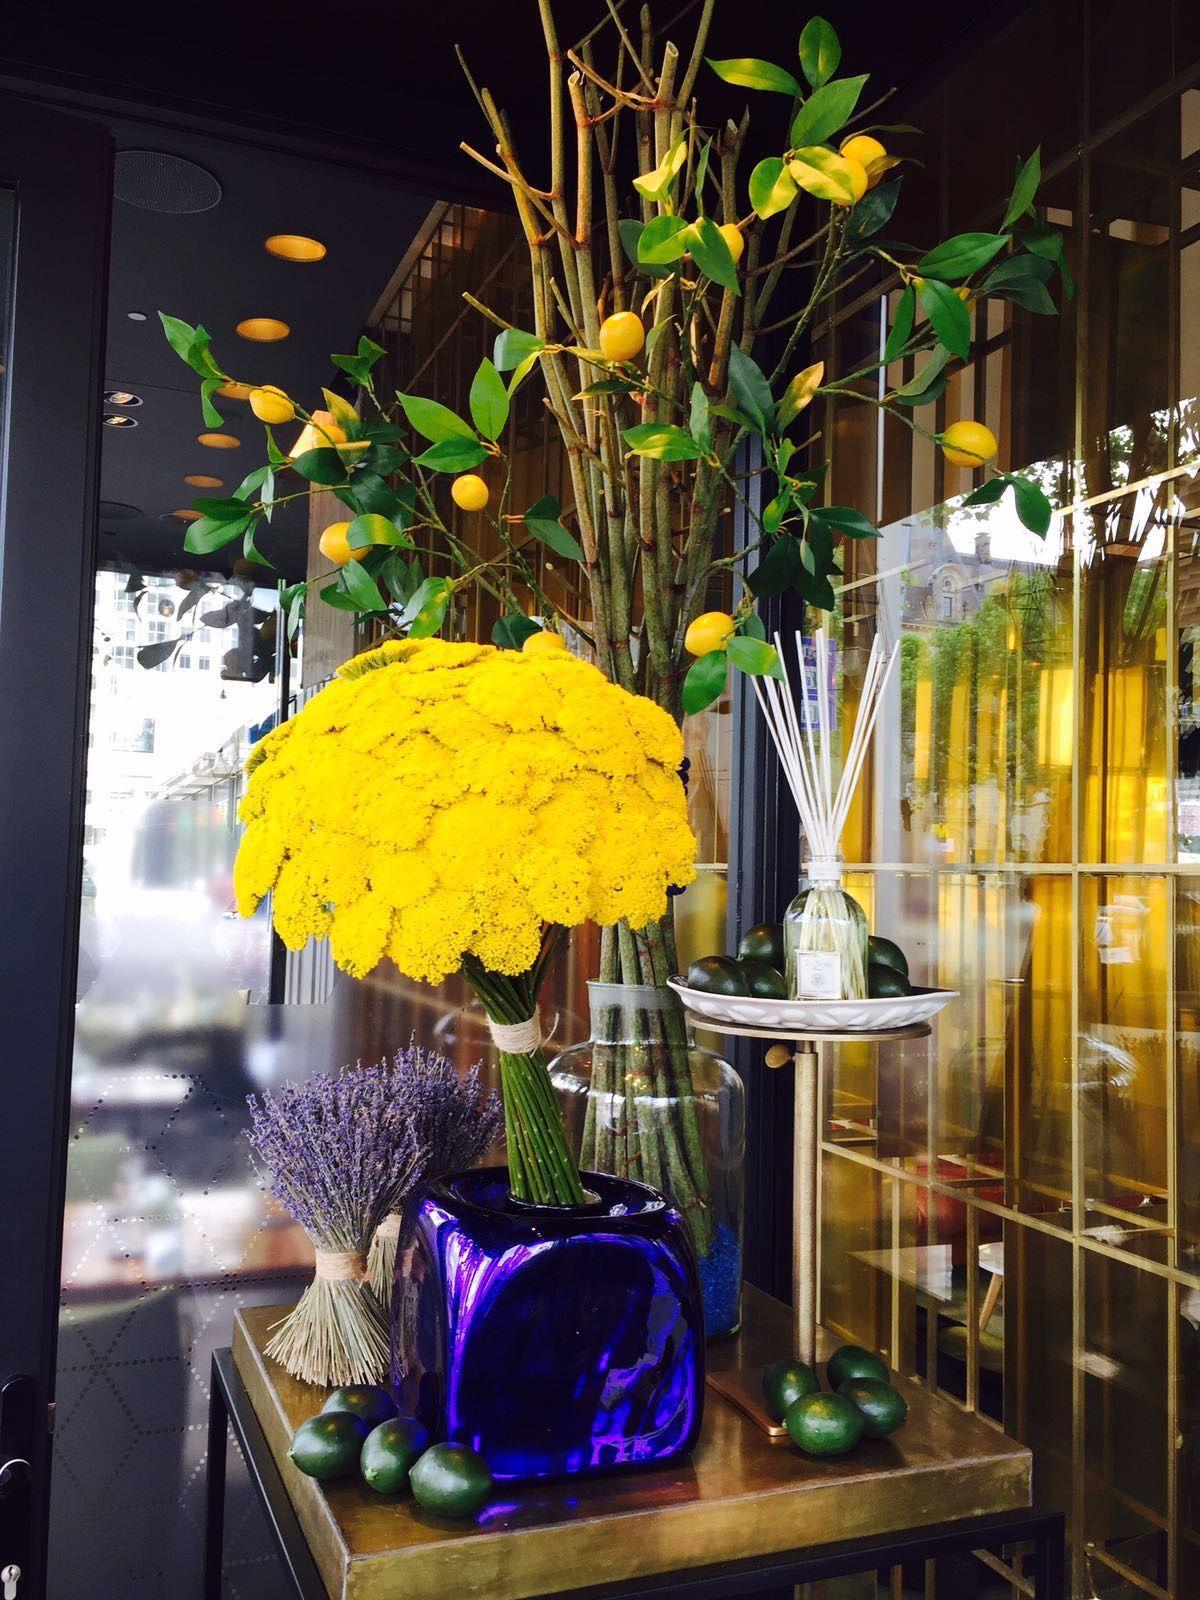 Restaurant Joelia Project Styling Projectstyling Interior Interieur Flowers Bloemen Artificial Zomersbloemen Bloemen Planten